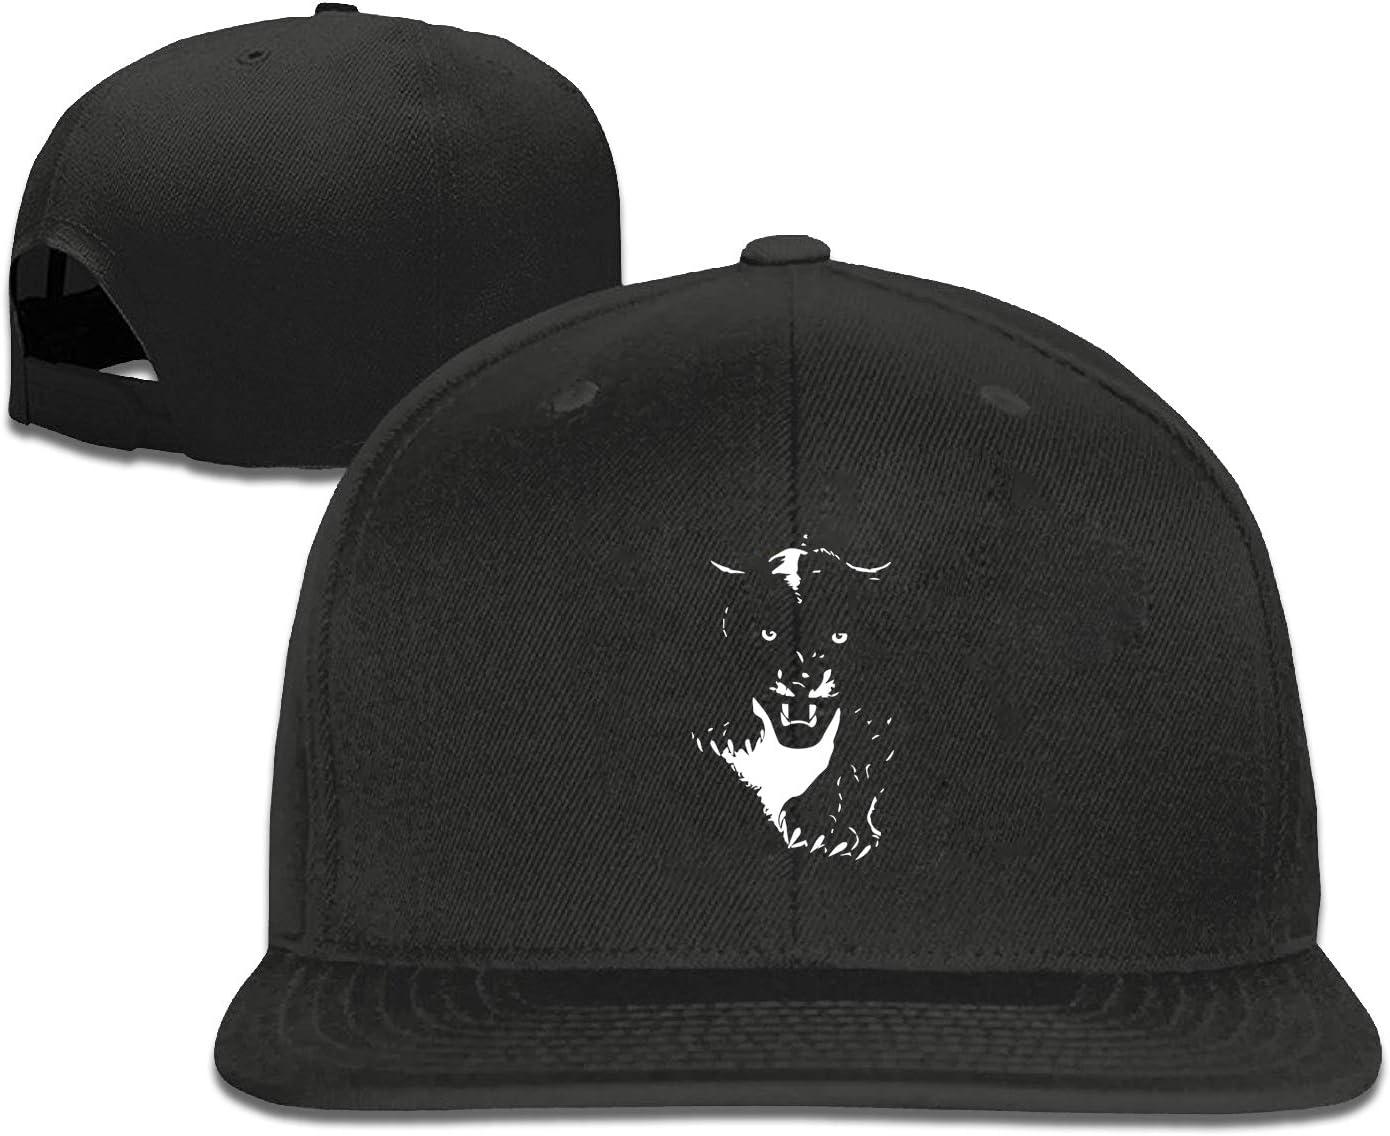 ETXHU Ladies Baseball Cap Jaguar Panther Mens Caps Sportswear Cotton for Unisex Adjustable Hat